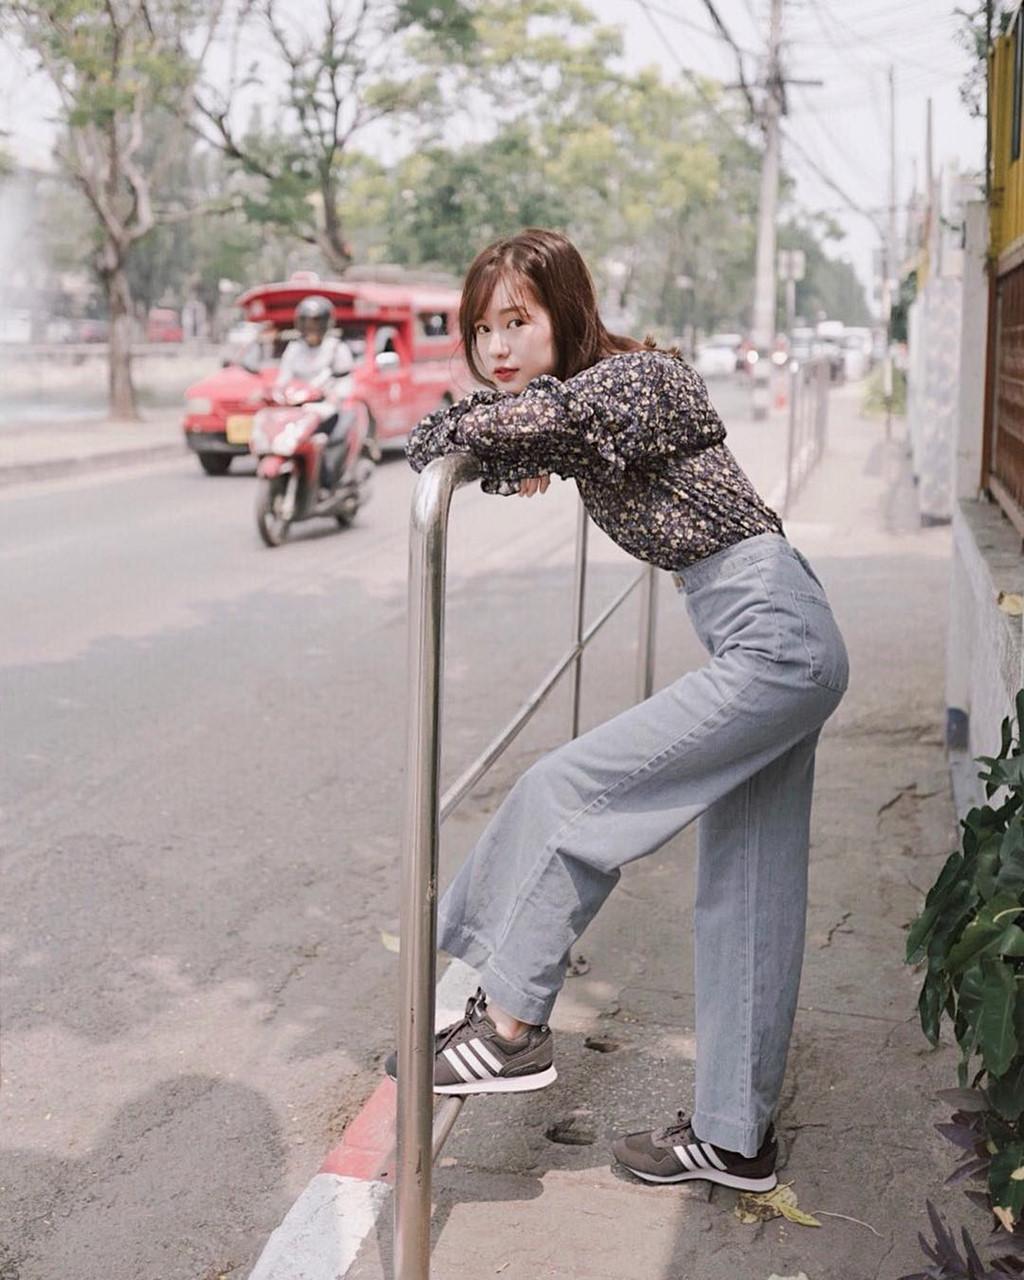 'Sống ảo' như hot girl số một Thái Lan: Đứng vào đâu cũng có ảnh đẹp 21